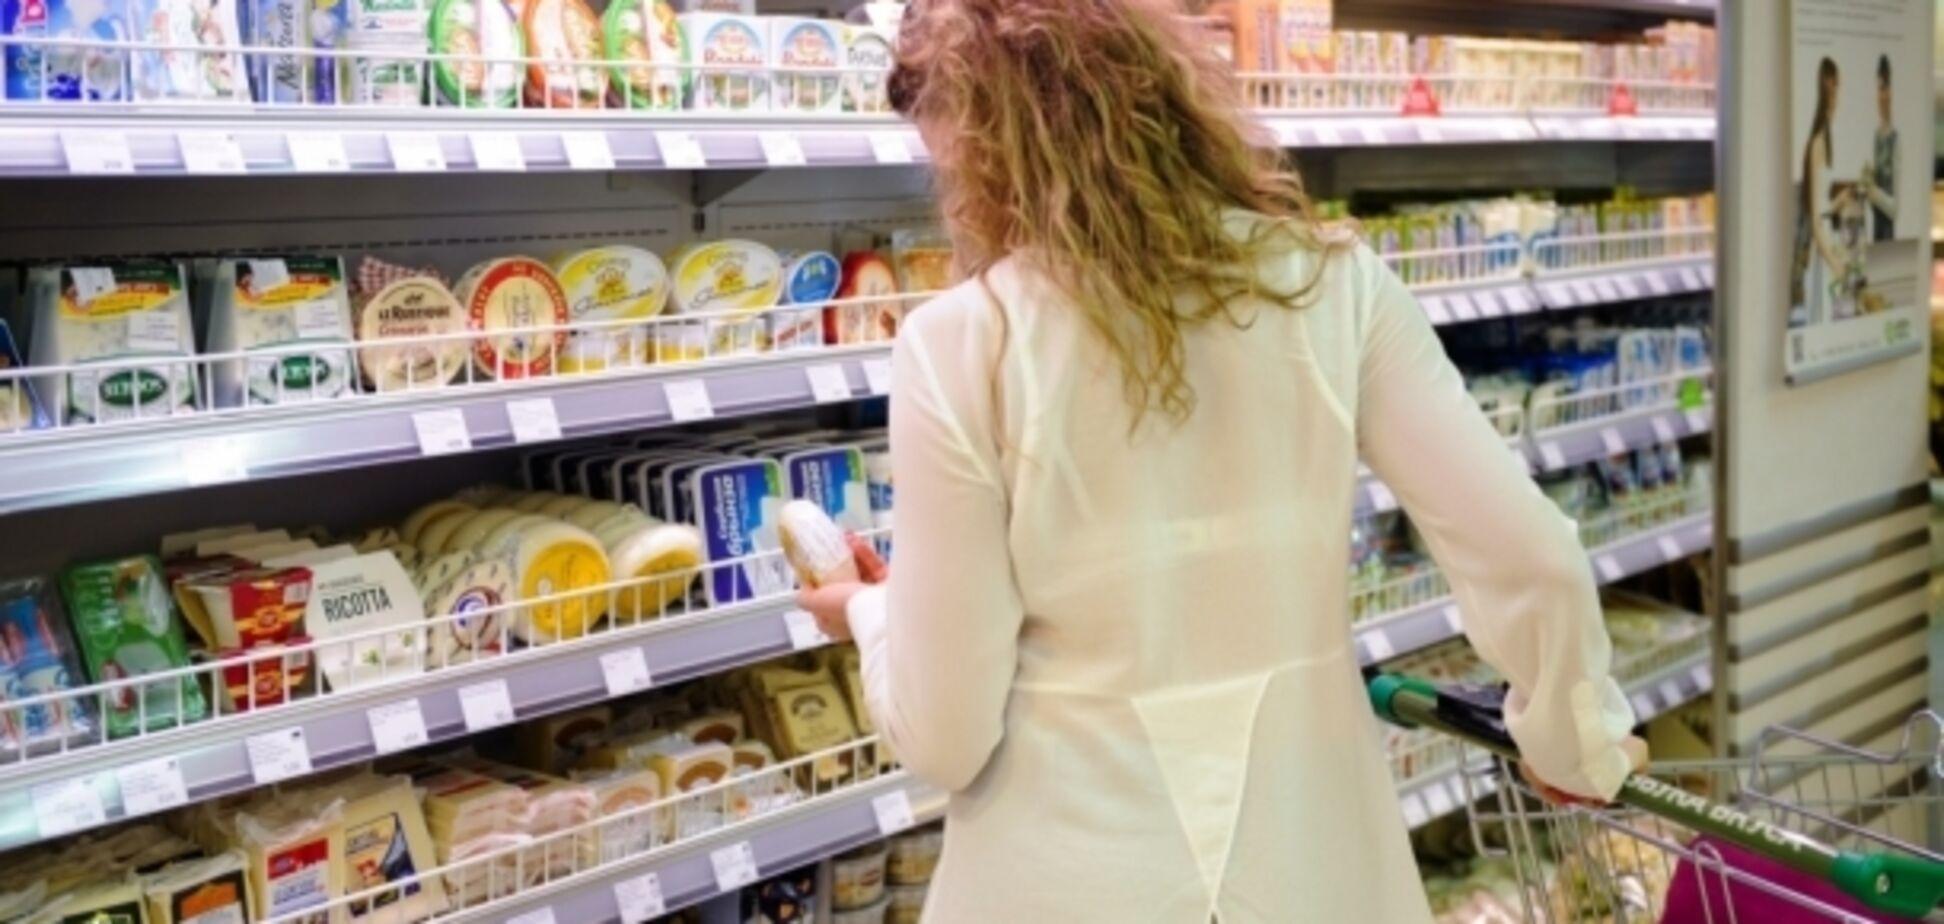 Б'ють по серцю: лікарі назвали топ-5 небезпечних популярних продуктів